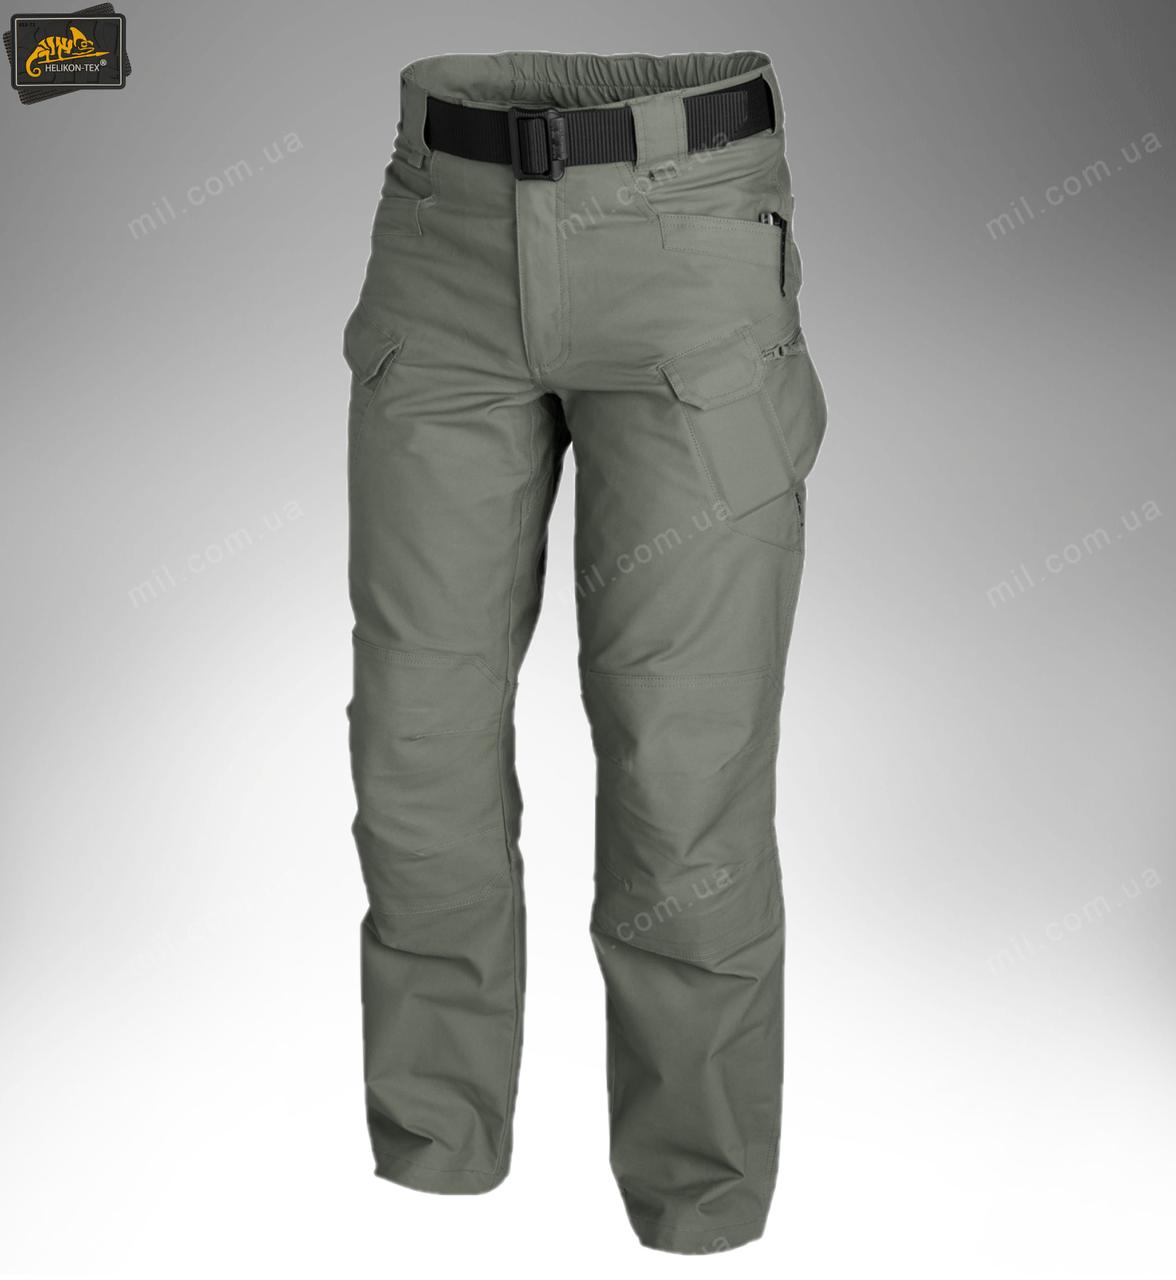 Тактические брюки / штаны Helikon Tex UTP Urban Tactical Pants (оливковый)